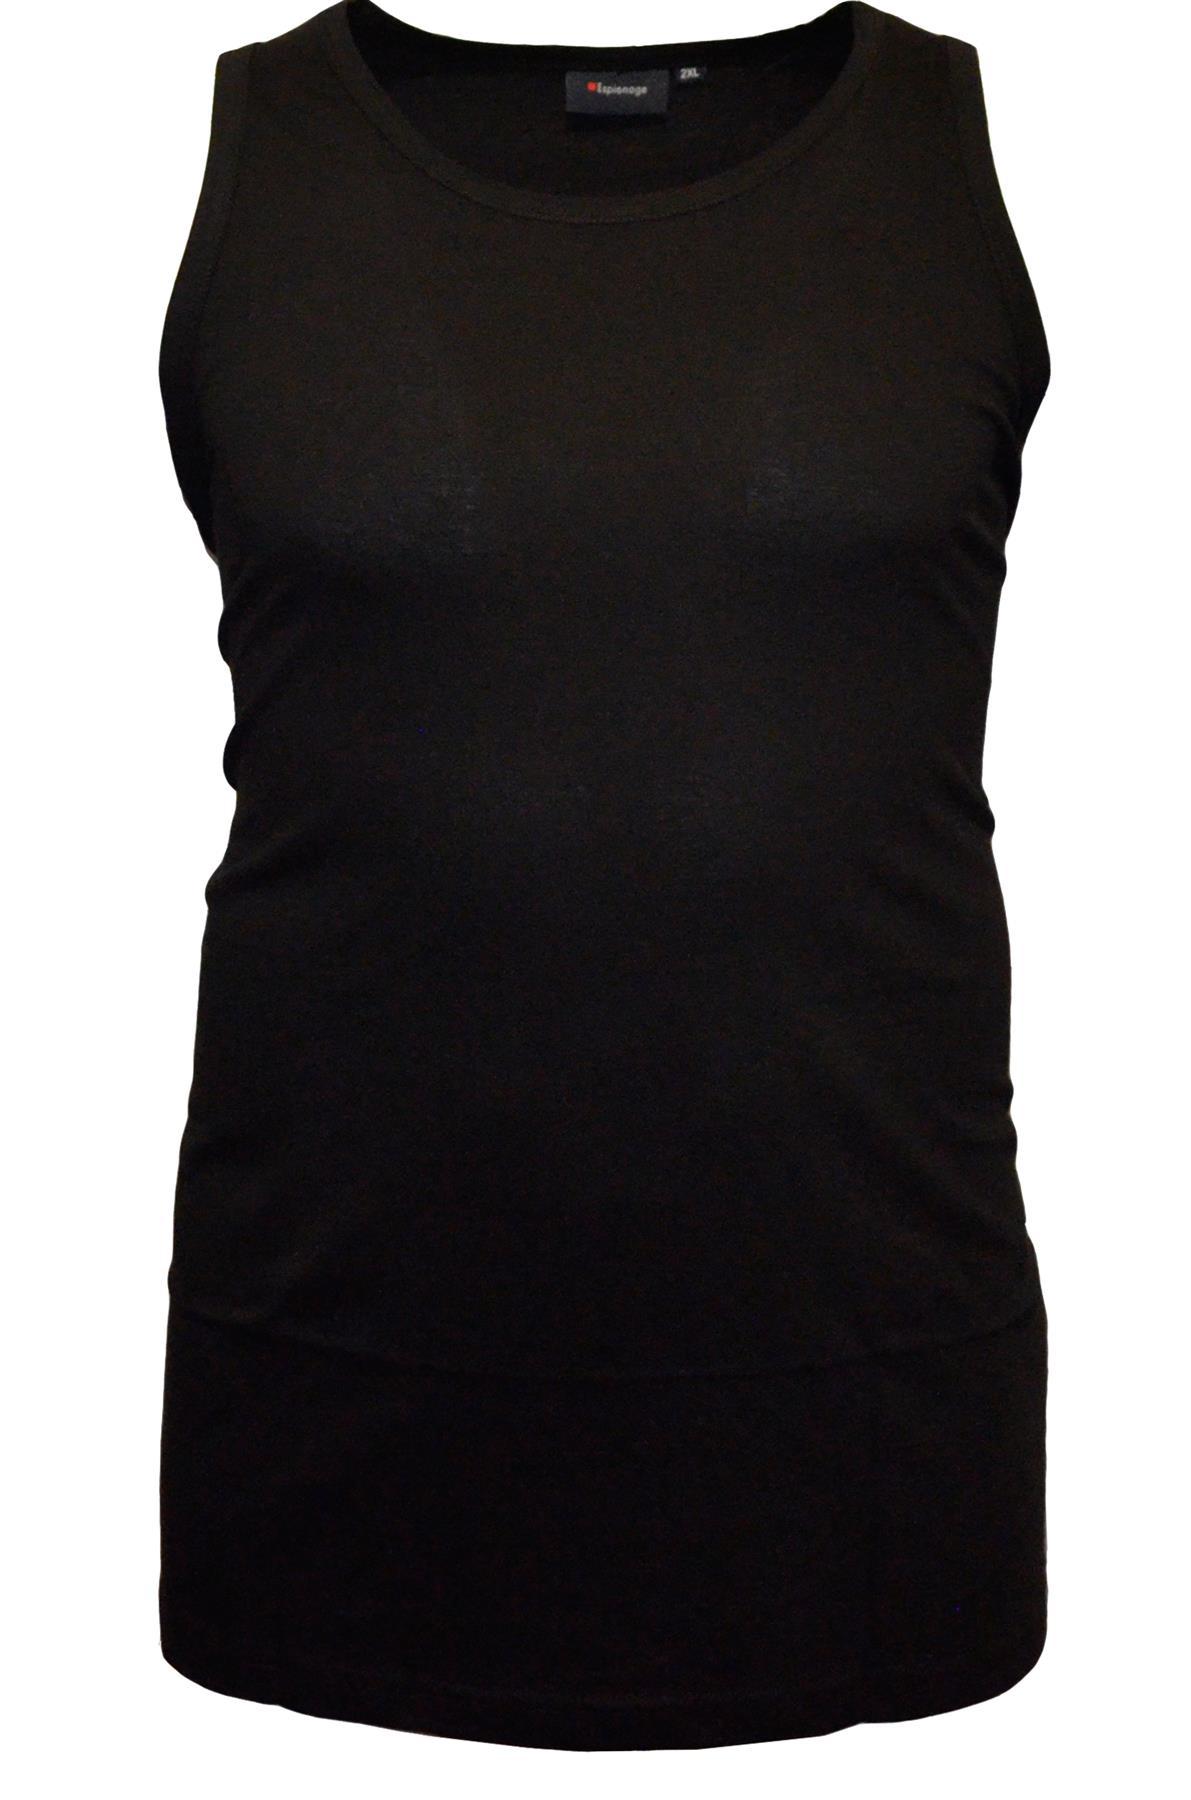 Mens Long Length Pure Cotton Muscle Vest Big Plus Sizes Medium to 8XL